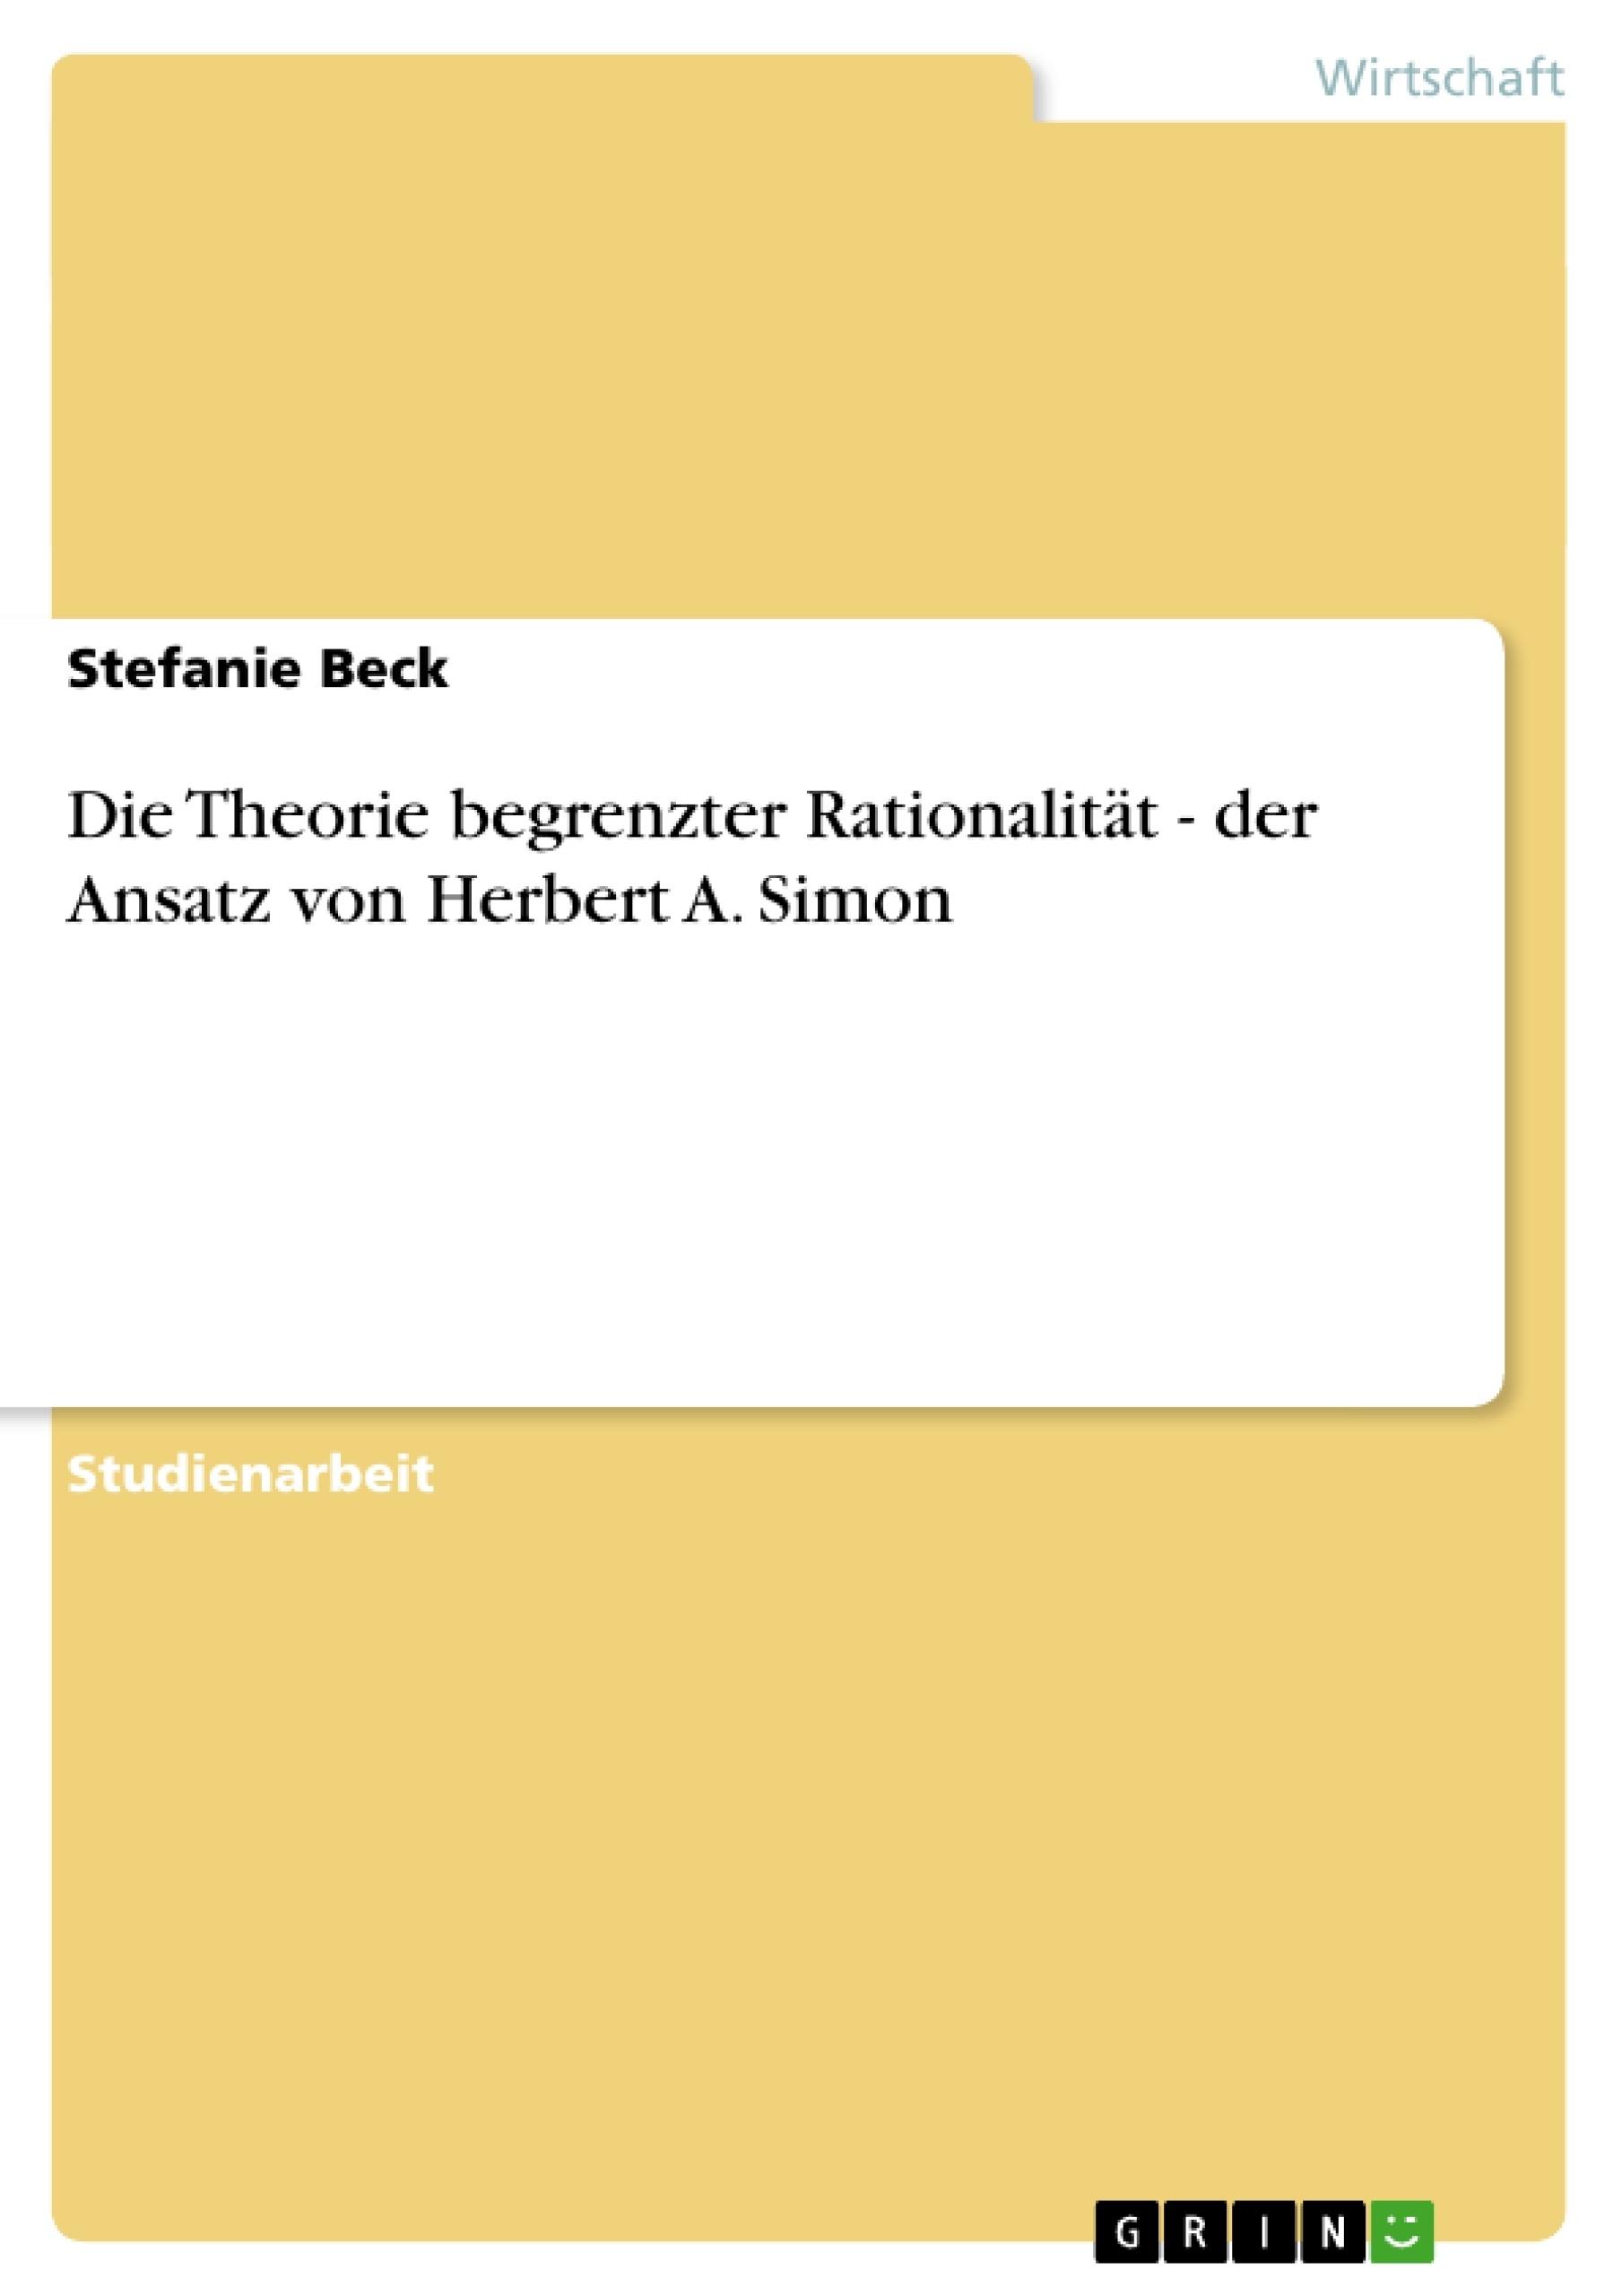 Titel: Die Theorie begrenzter Rationalität - der Ansatz von Herbert A. Simon